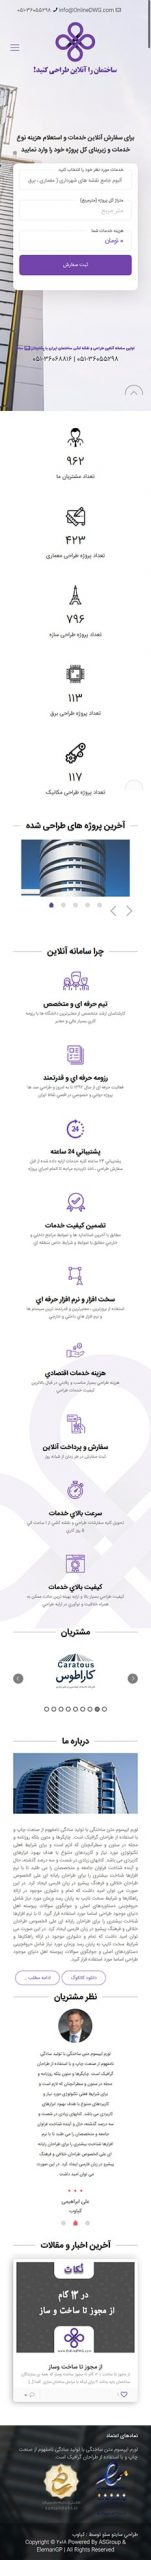 طراحی سایت مشهد, طراحی-سایت-خدماتی-مشهد